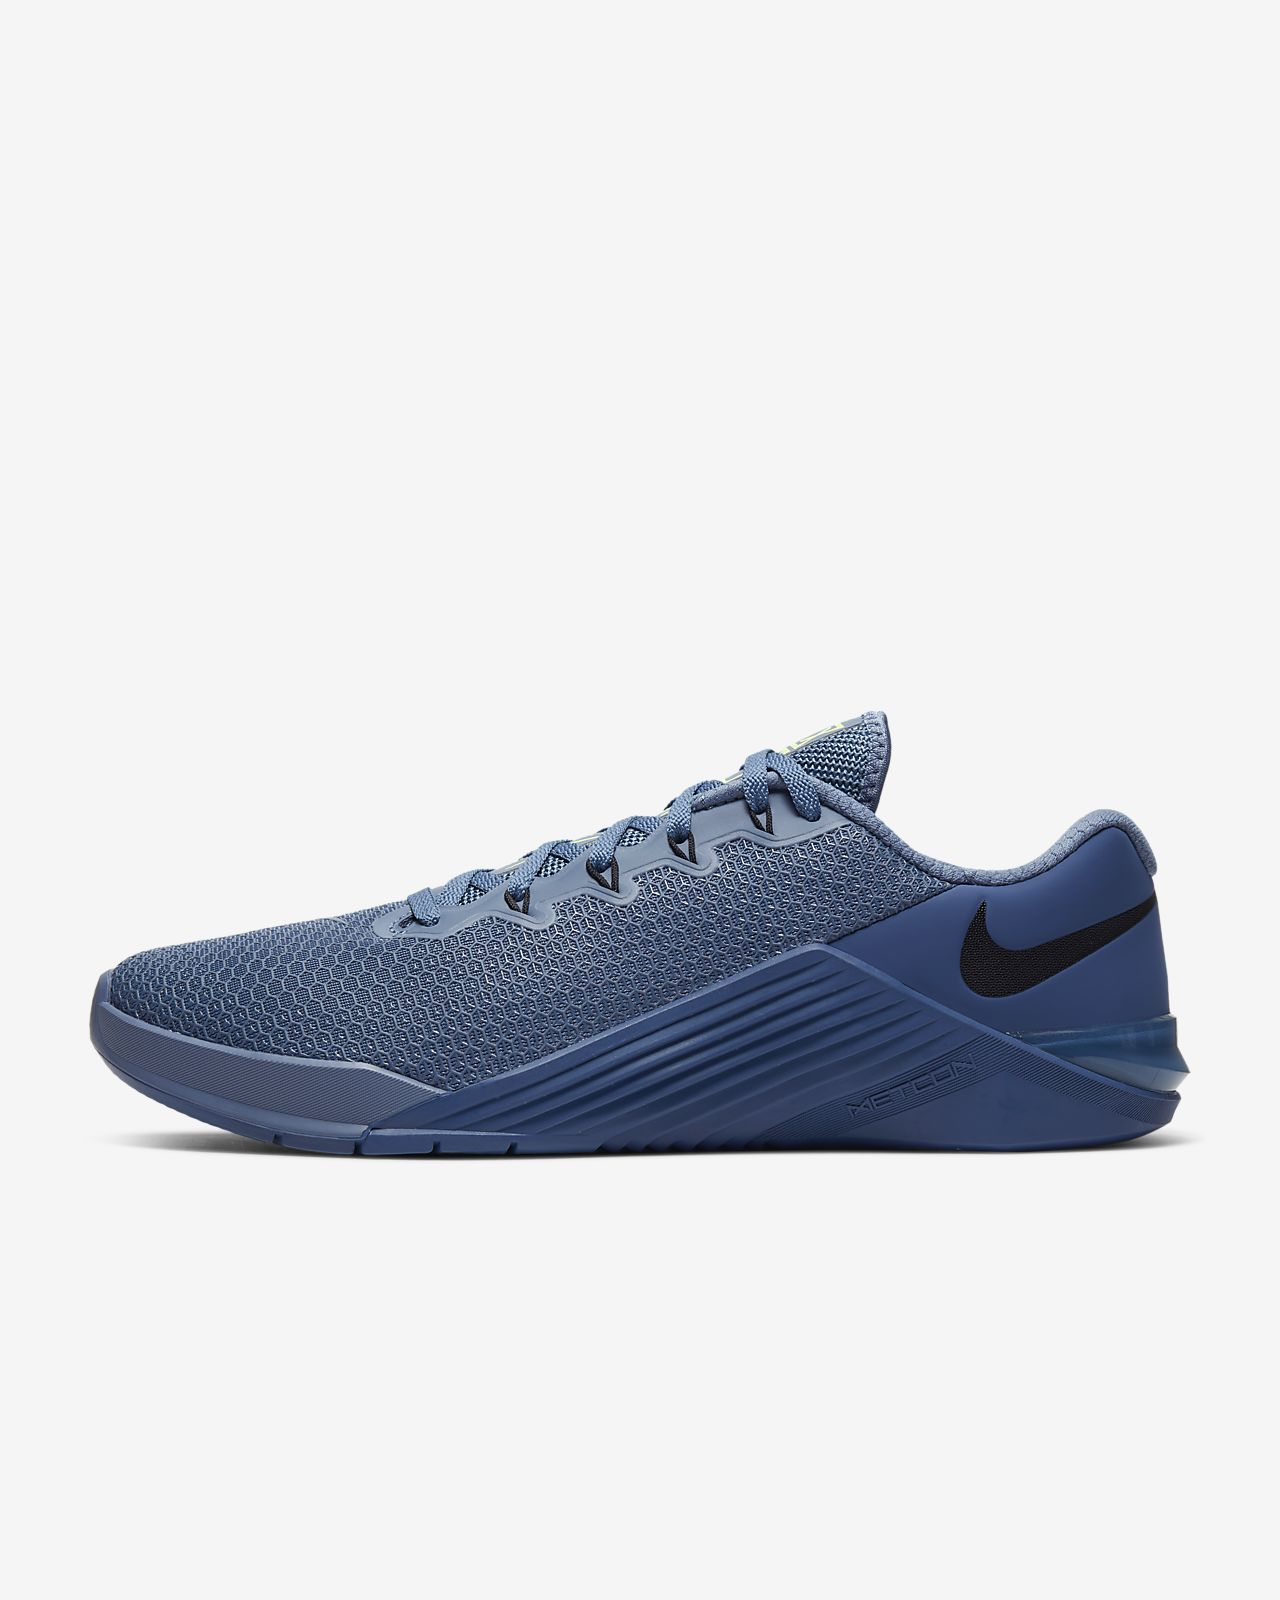 Nike Metcon 5 Herren Trainingsschuh